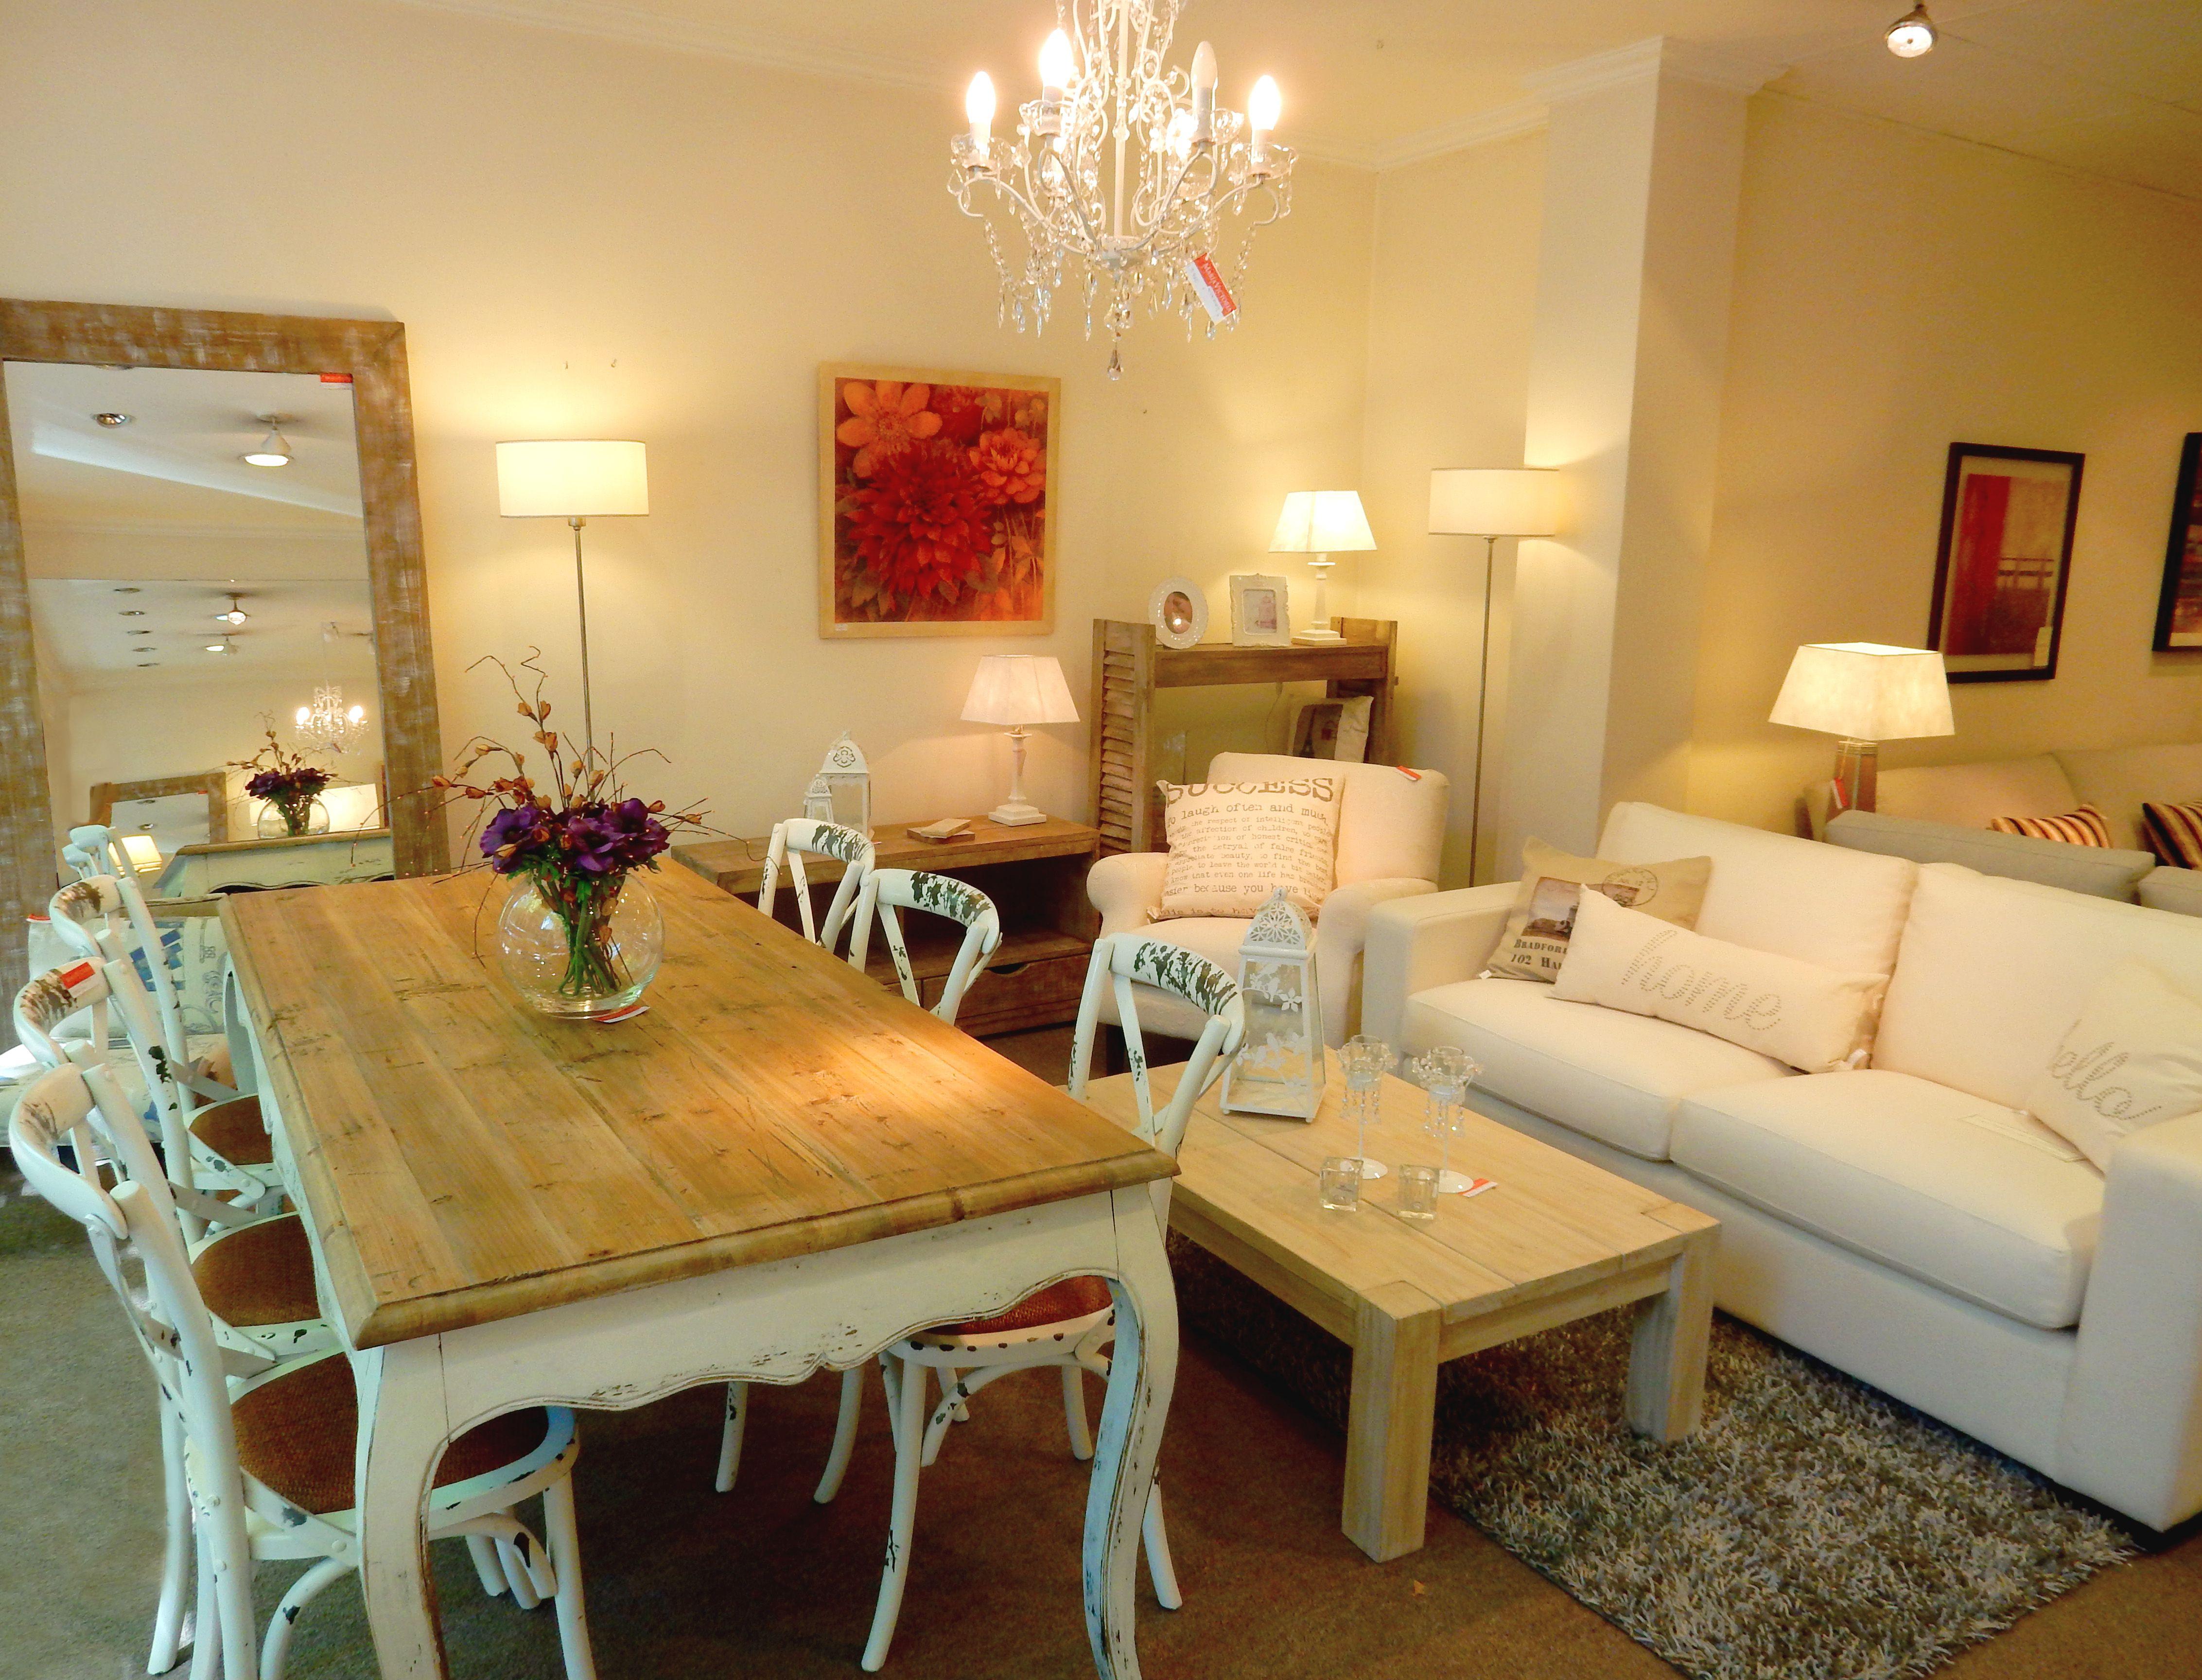 Mesa rústica de 2 x 0.90m con 6 sillas Thonet. En el living, mesa de ...